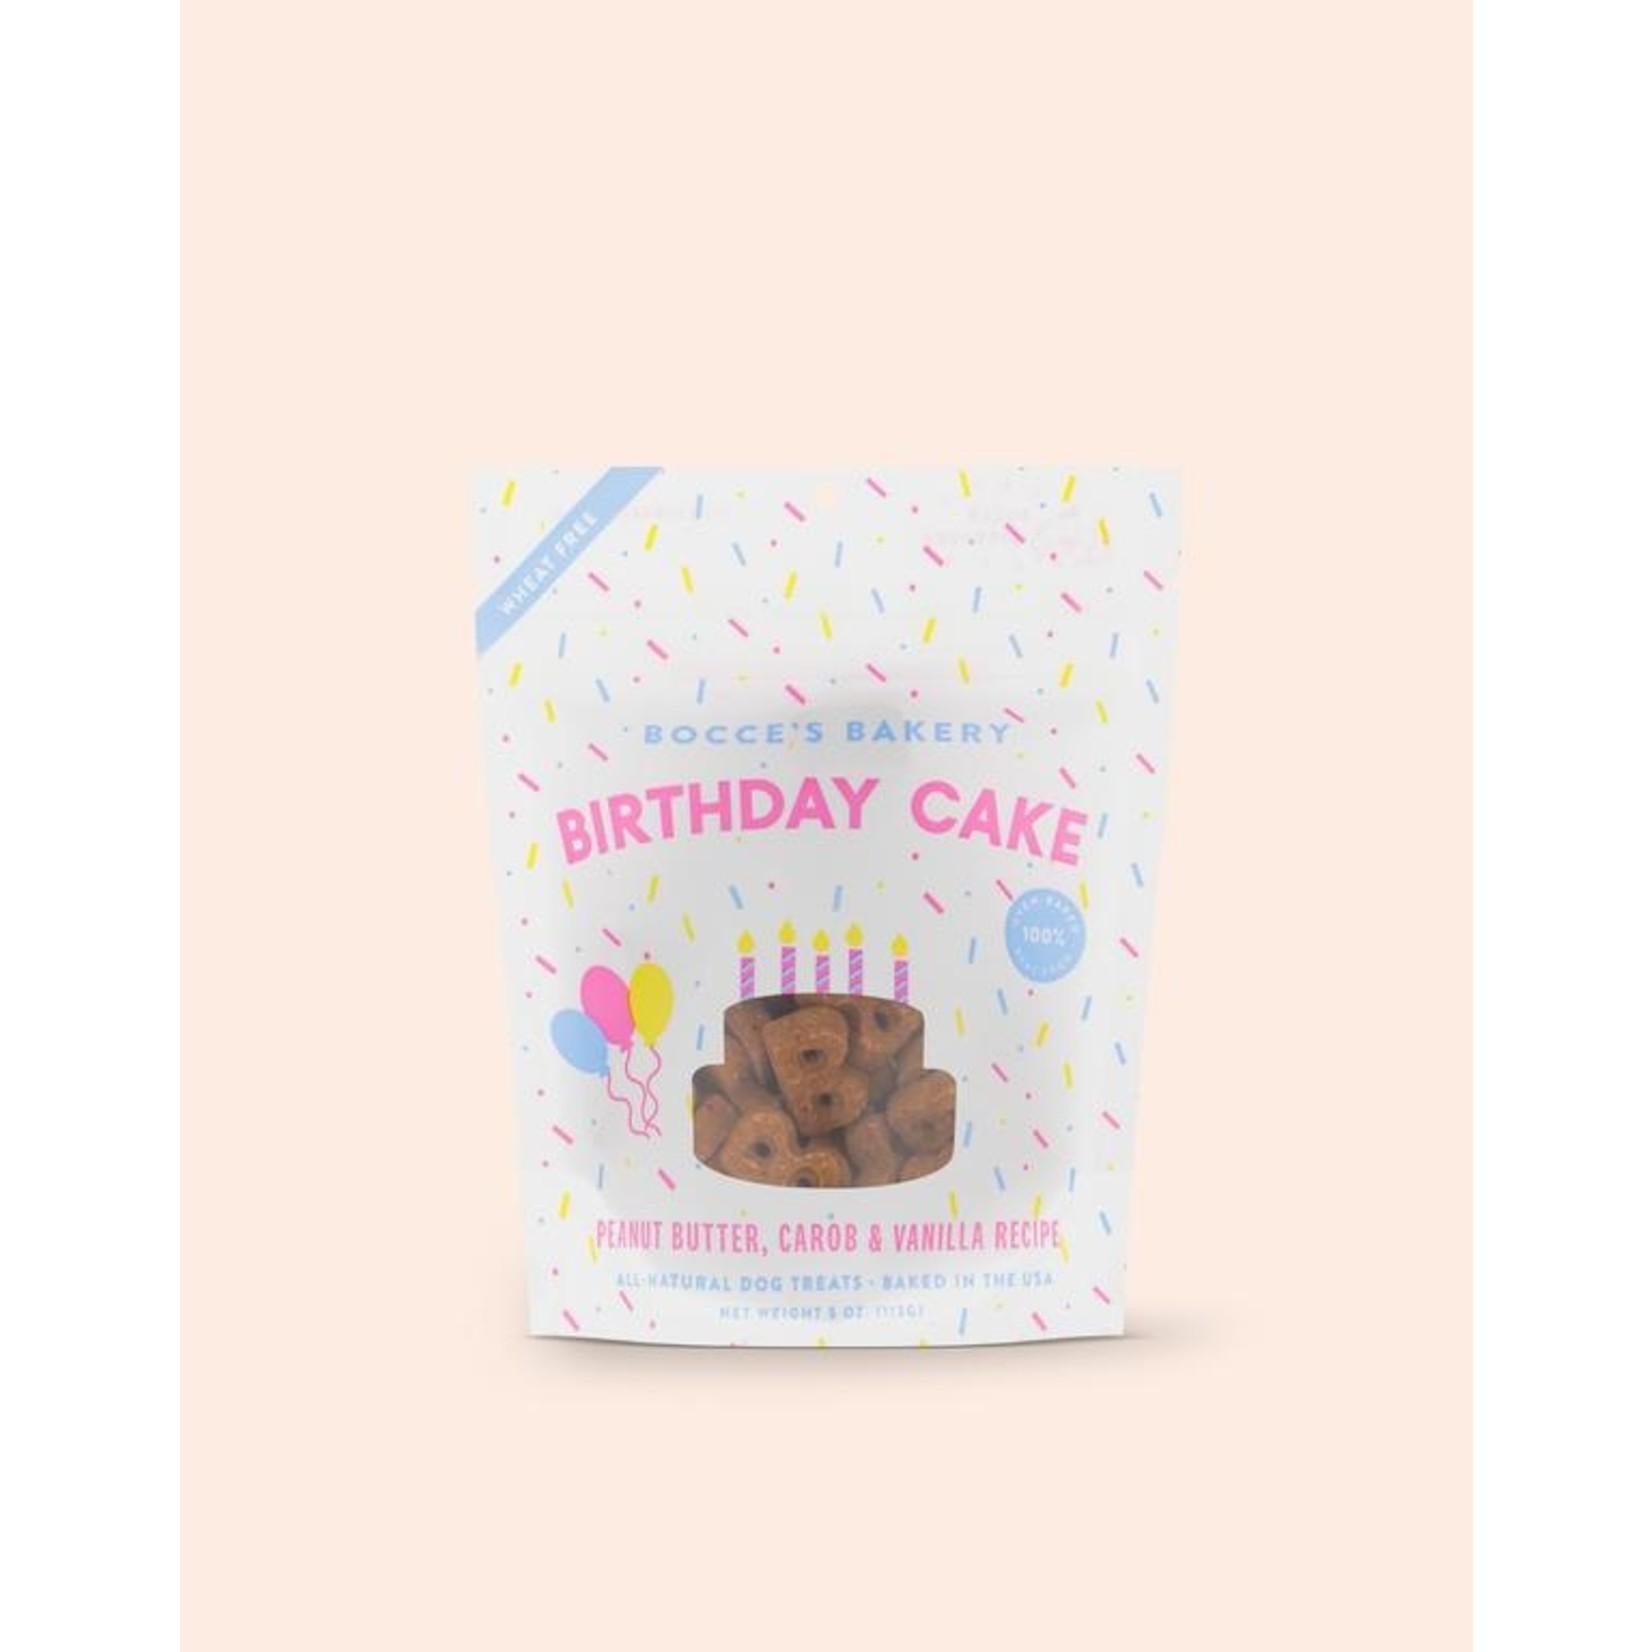 Bocce's Bocce's Bakery Birthday Cake Dog Treats 5oz